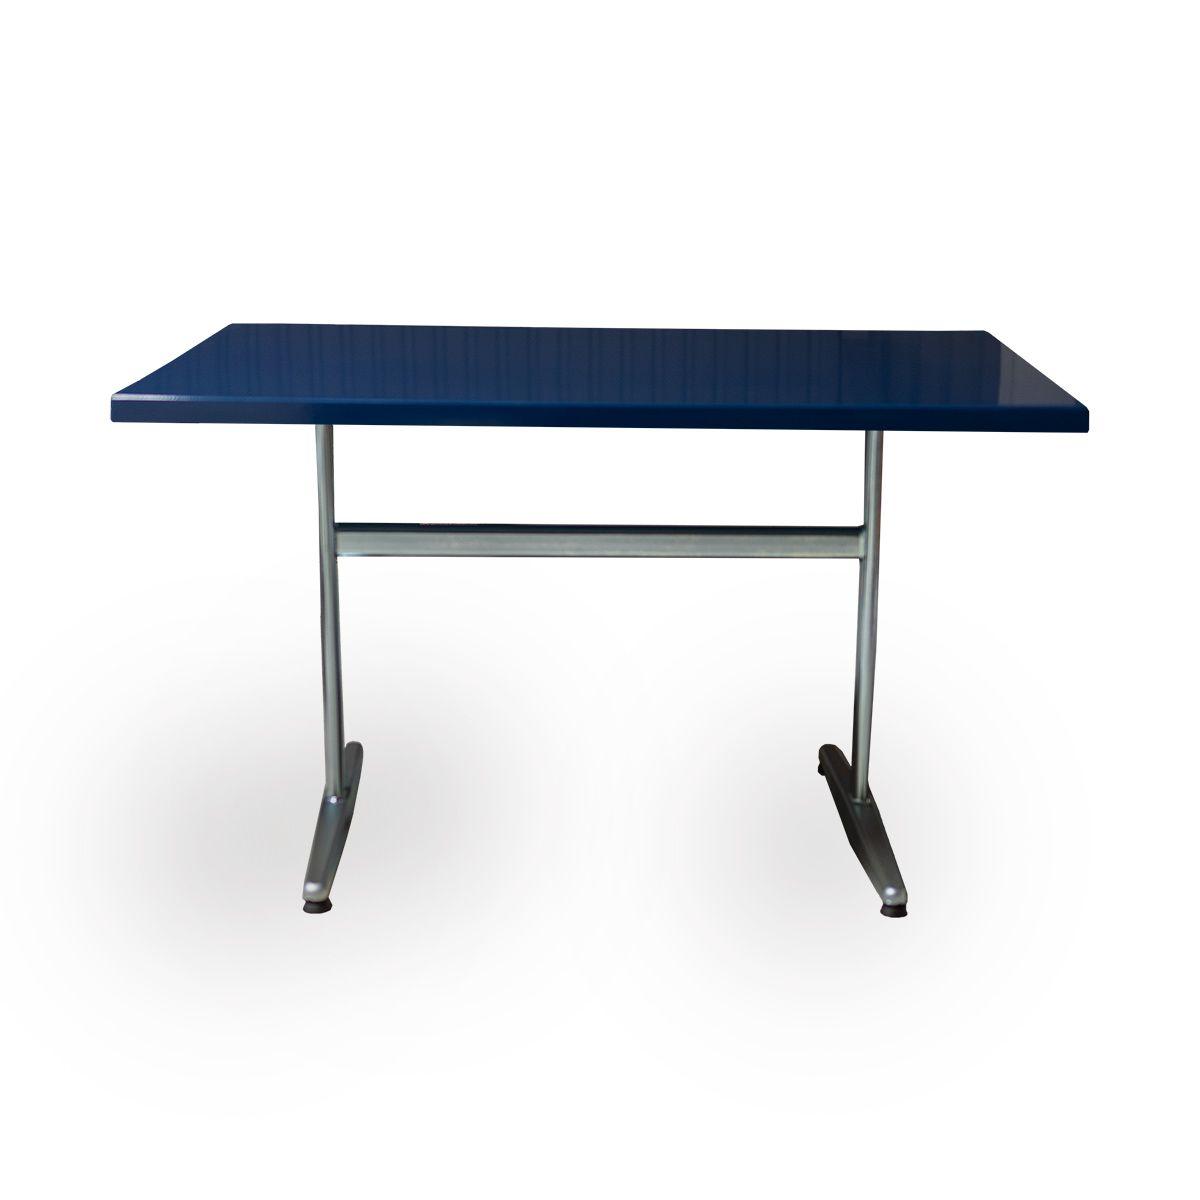 Table PRV bleu saphir, brillante, Piétement électrozingué en T Basic, 120 x 80 x 3.5 cm, H 73 cm